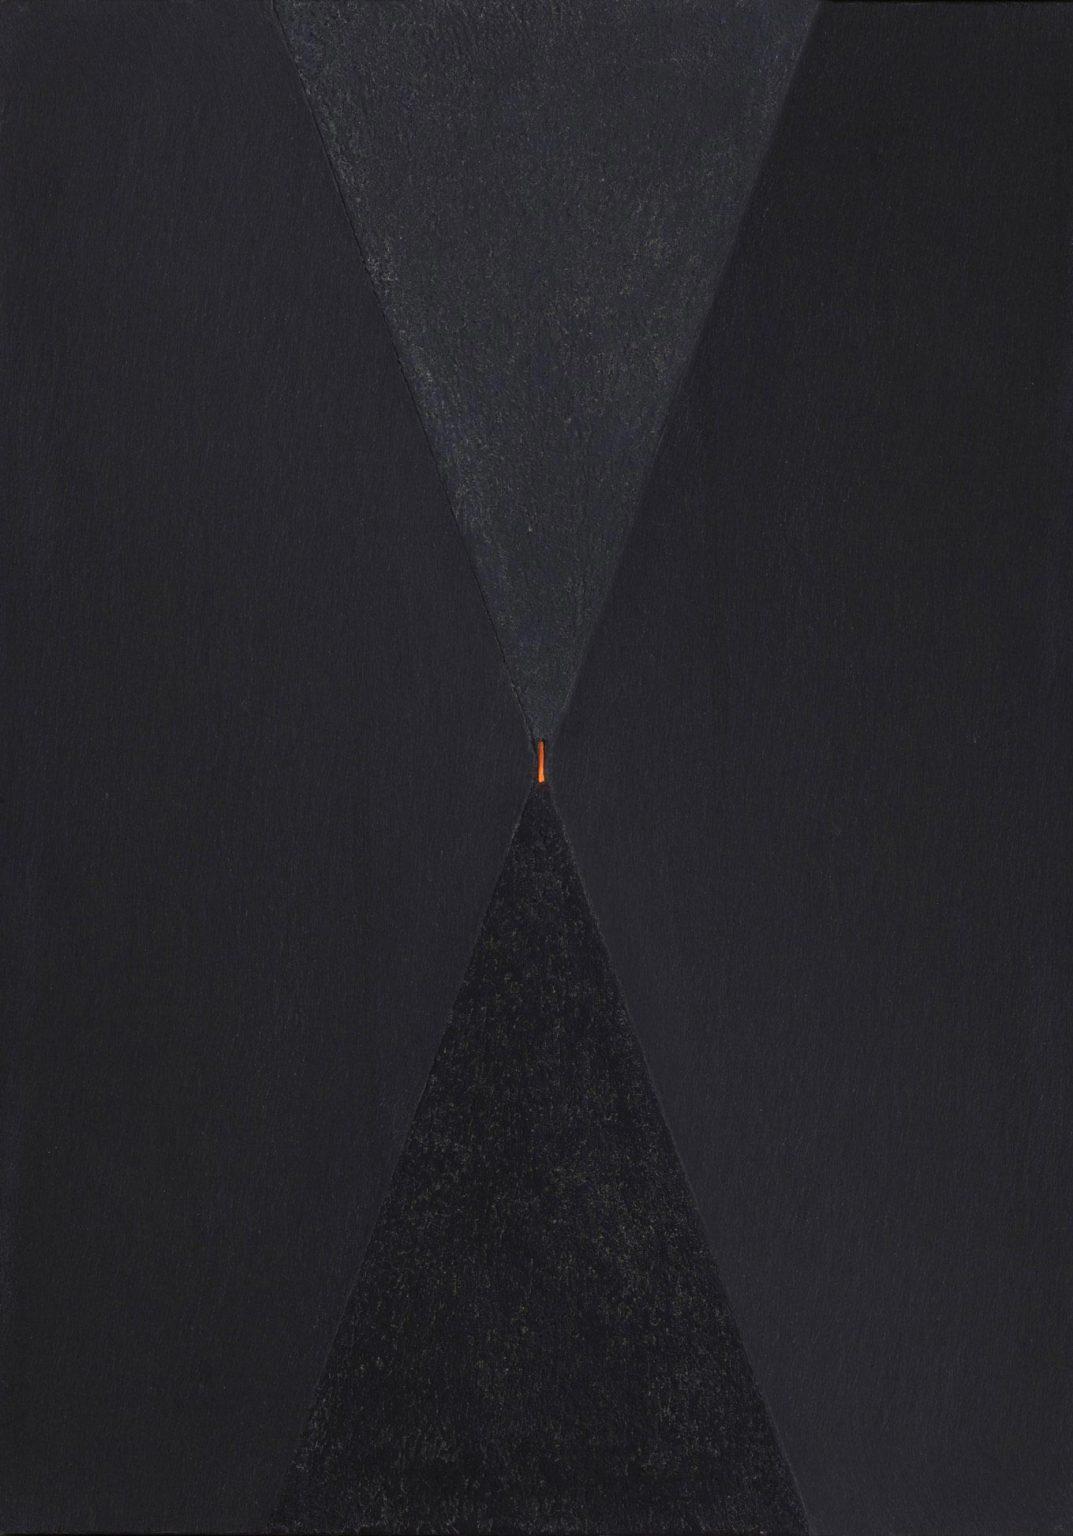 Elio Marchegiani - Clessidra con punto luce,1991